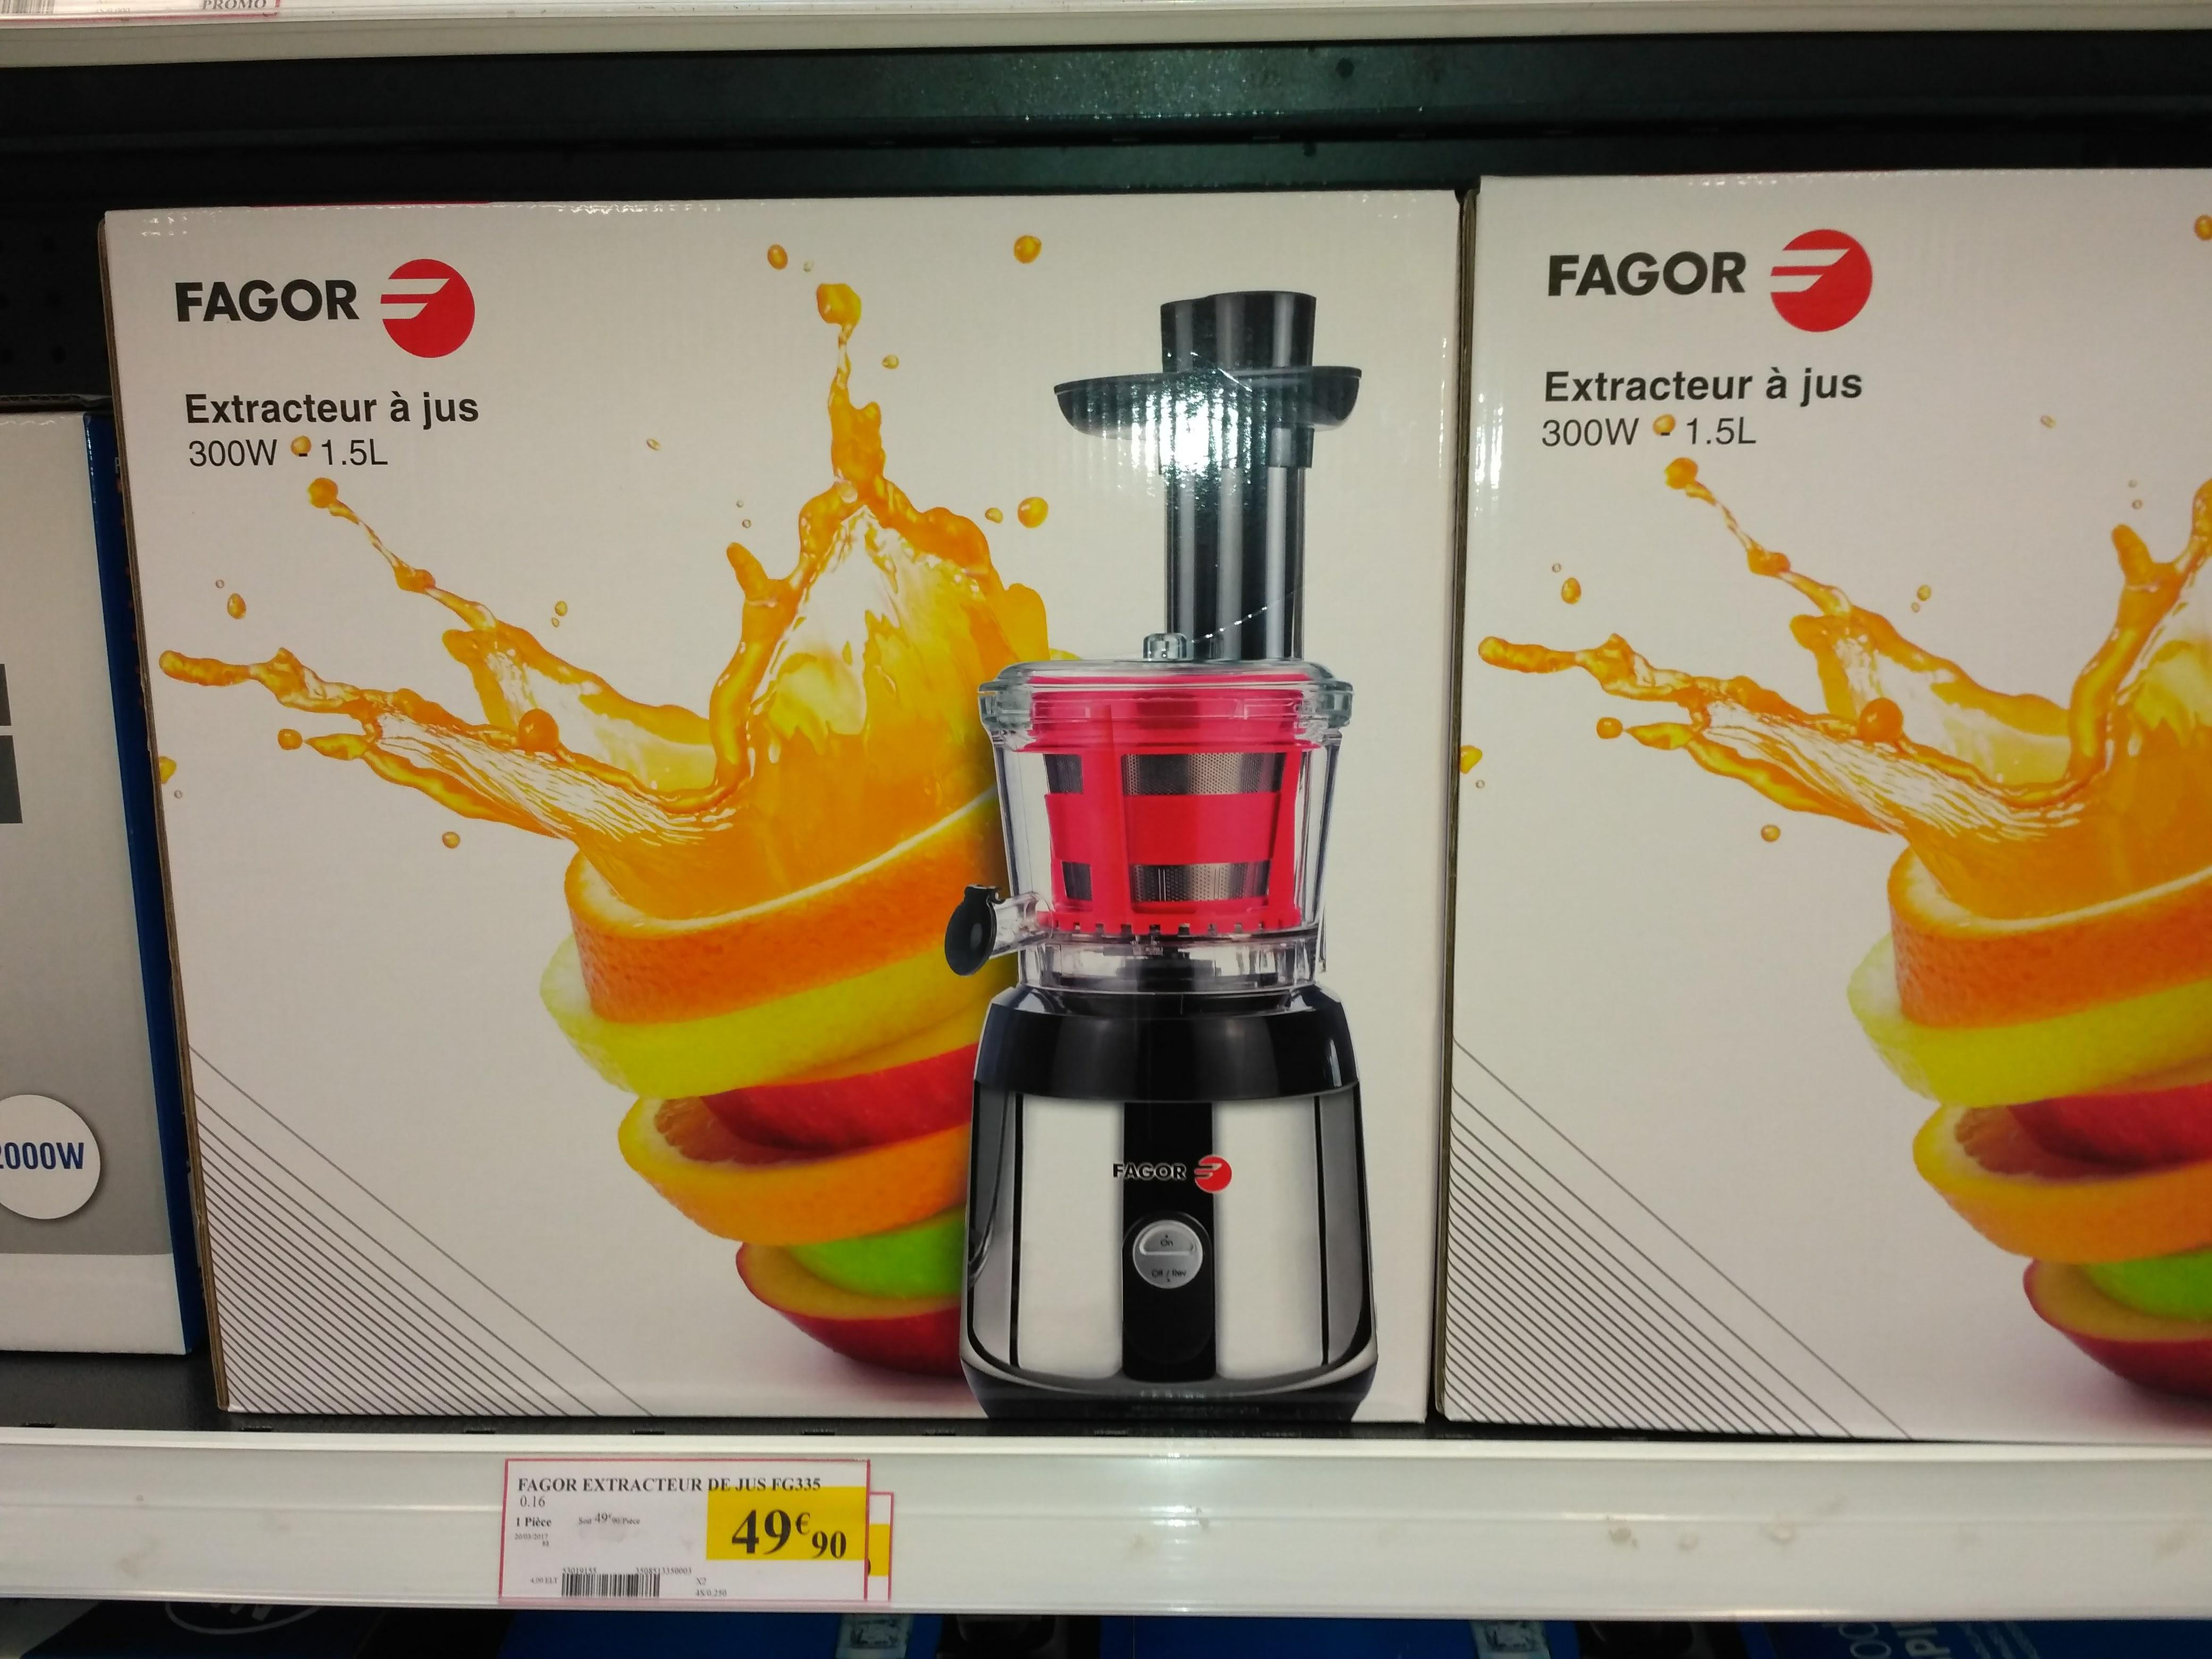 Extracteur de Jus Fagor FG335